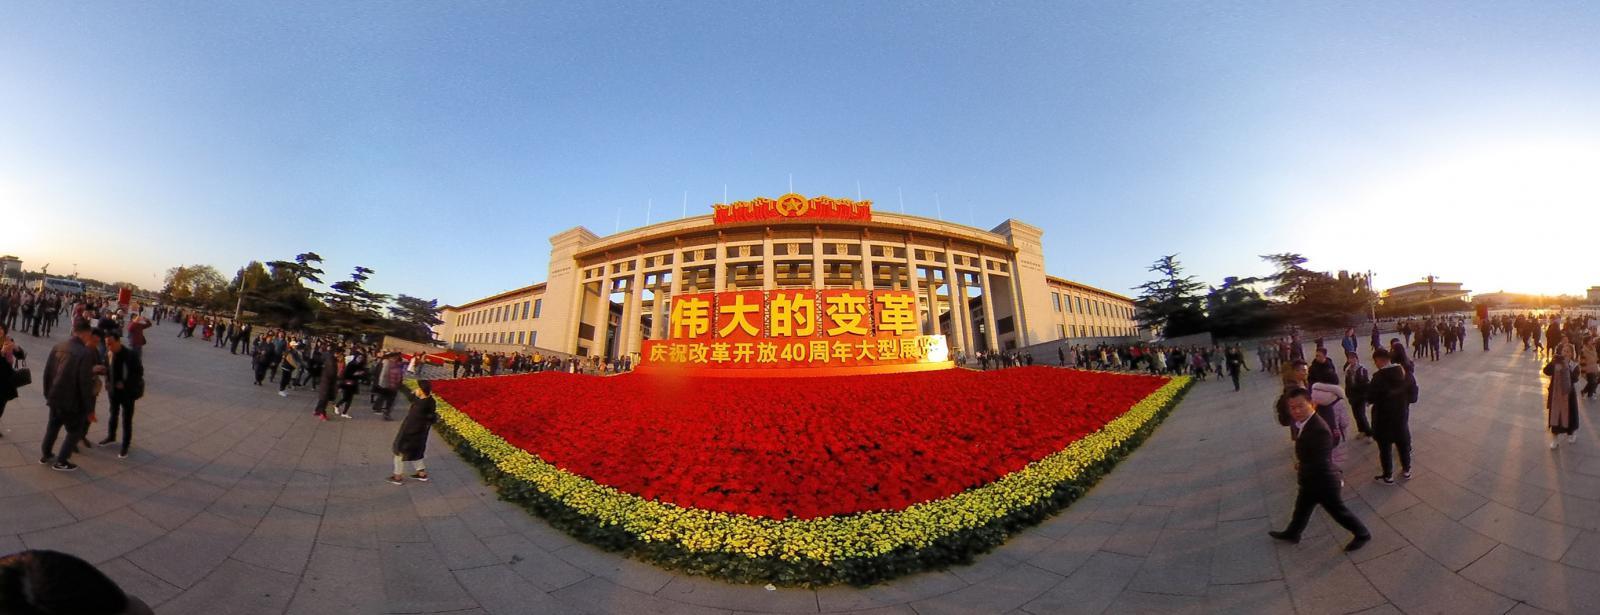 中共领导了改革开放,极大改善了人民的生活条件